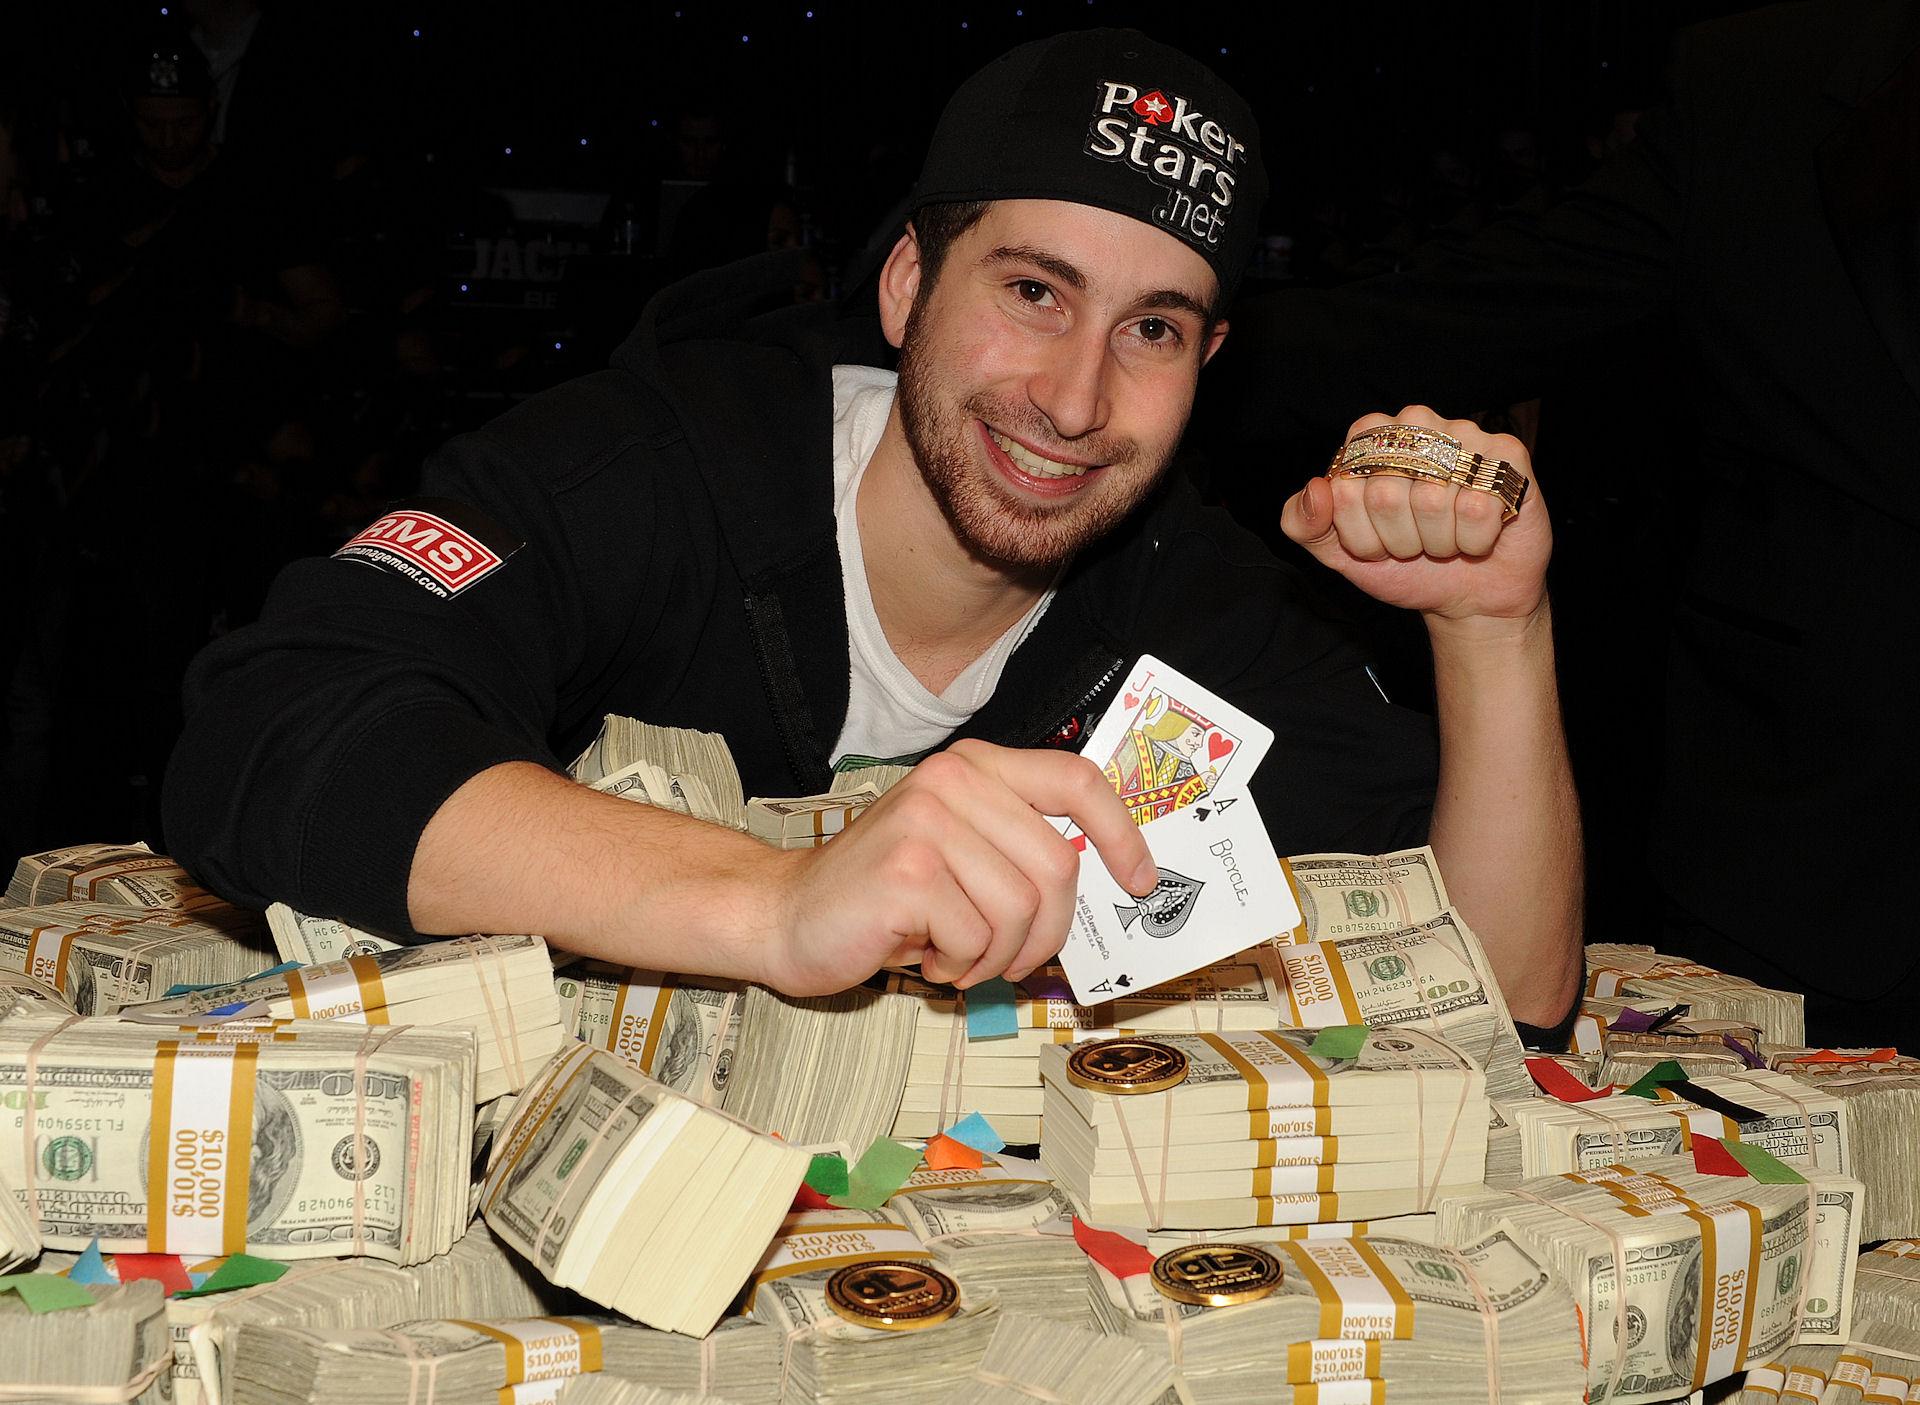 чемпионат мира по покеру чемпион